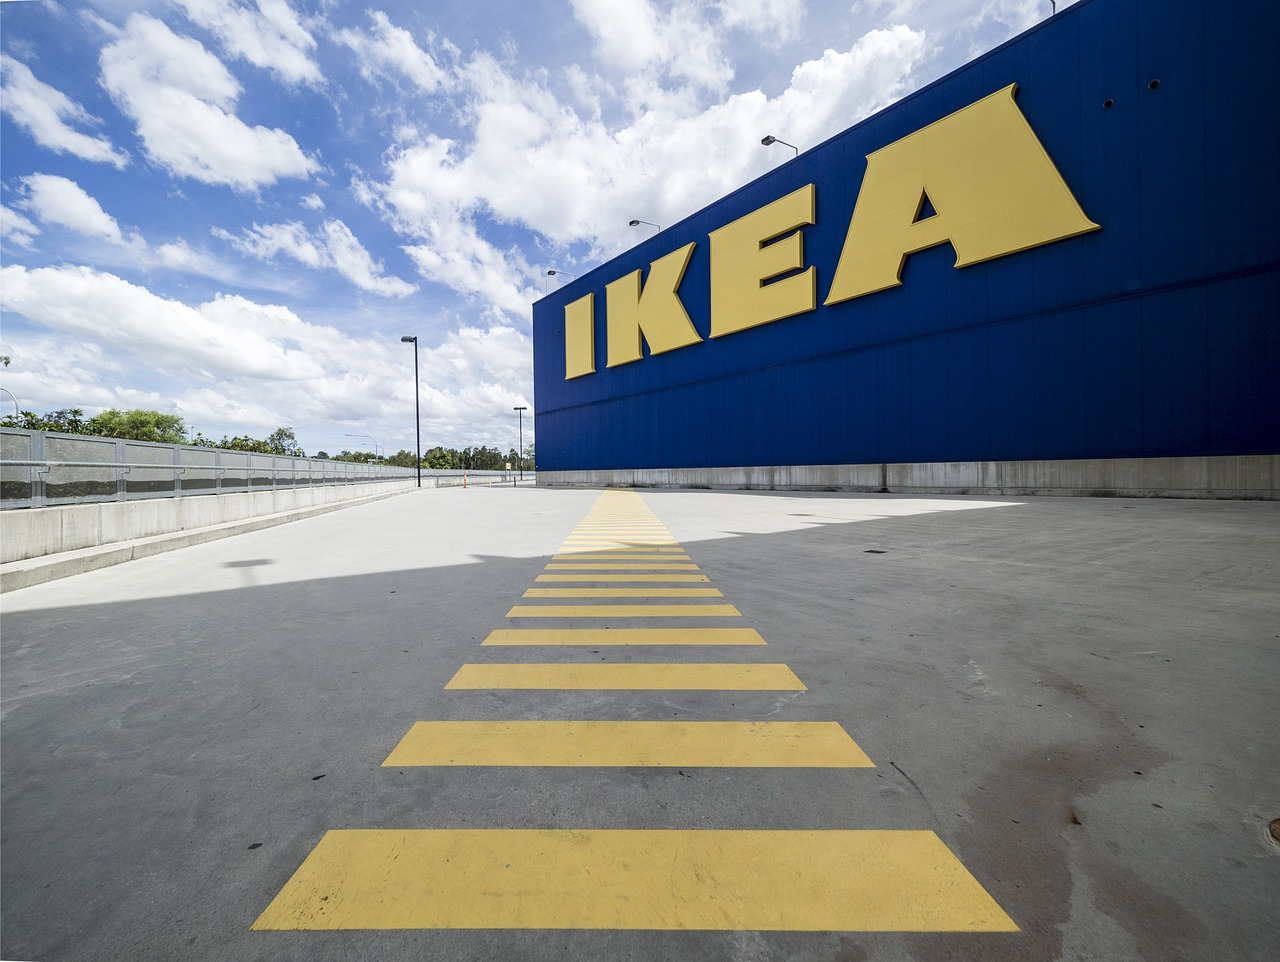 IKEA Japan's New Vegan Menu With Katsu Curry Just Won a PETA Award